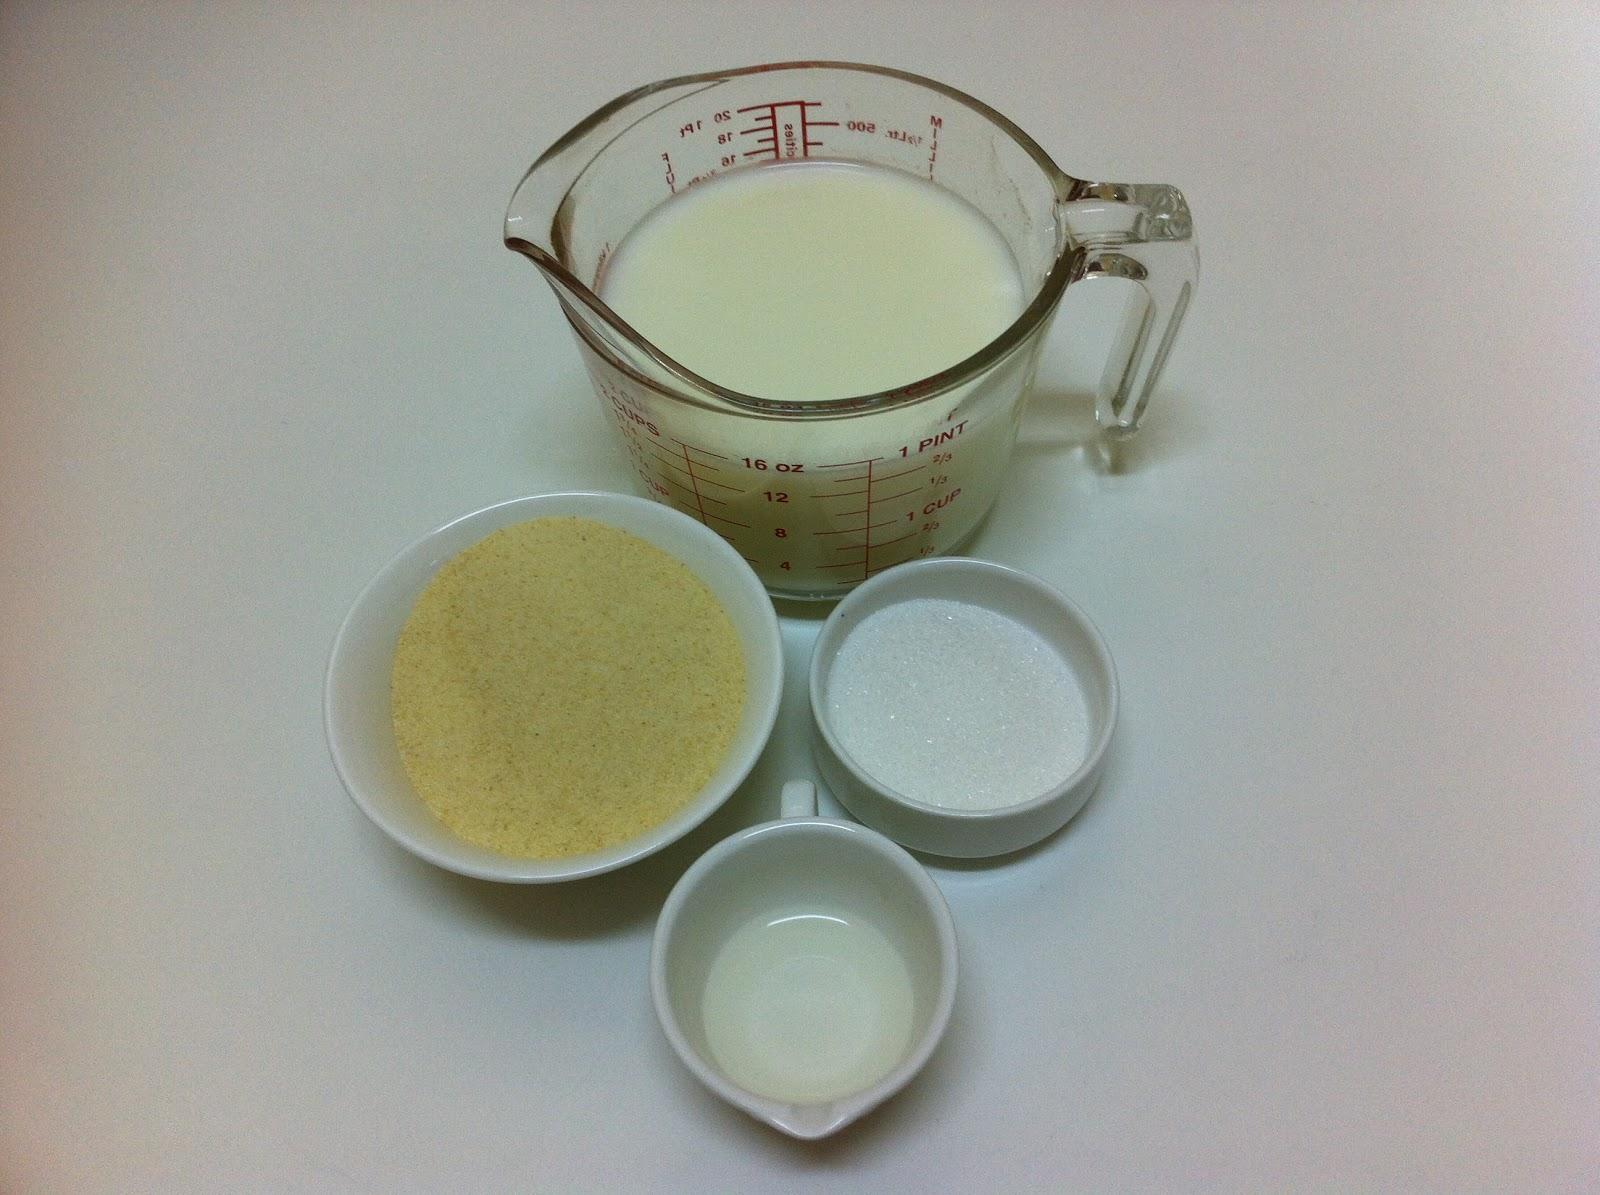 اخطلى الخميرة مع السكر والحليب في كوب واتركيها قليلا